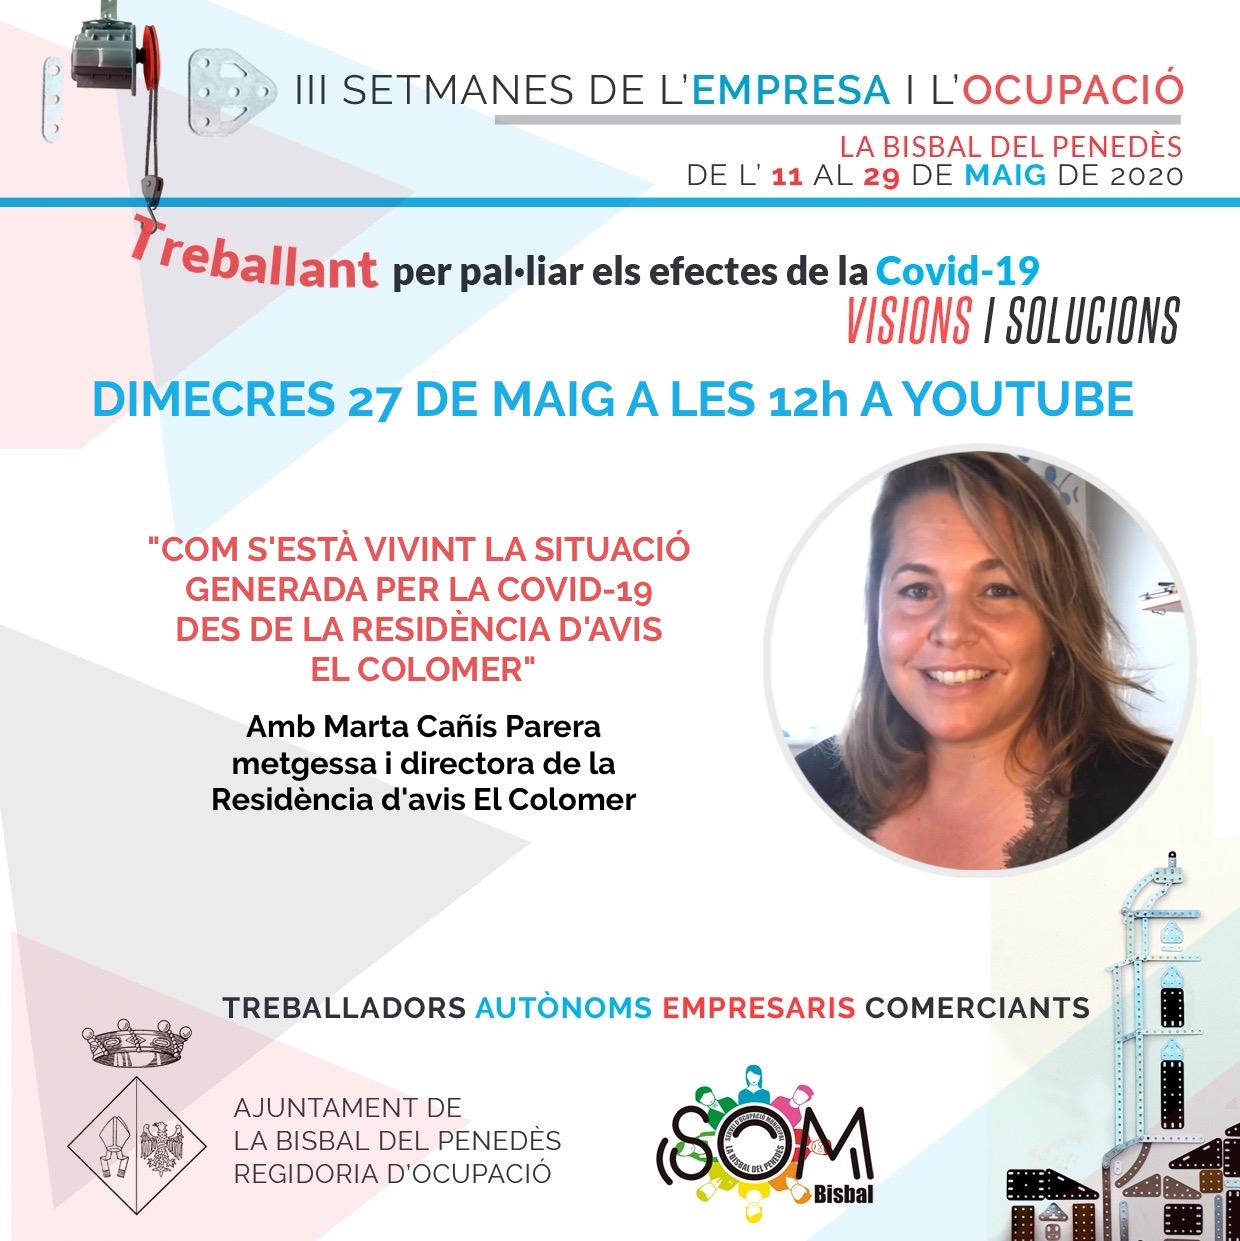 Aquest dimecres la Marta Cañís ens oferirà una xerrada sobre com s'està vivint la situació generada per la Covid-19 des de la Residència El Colomer